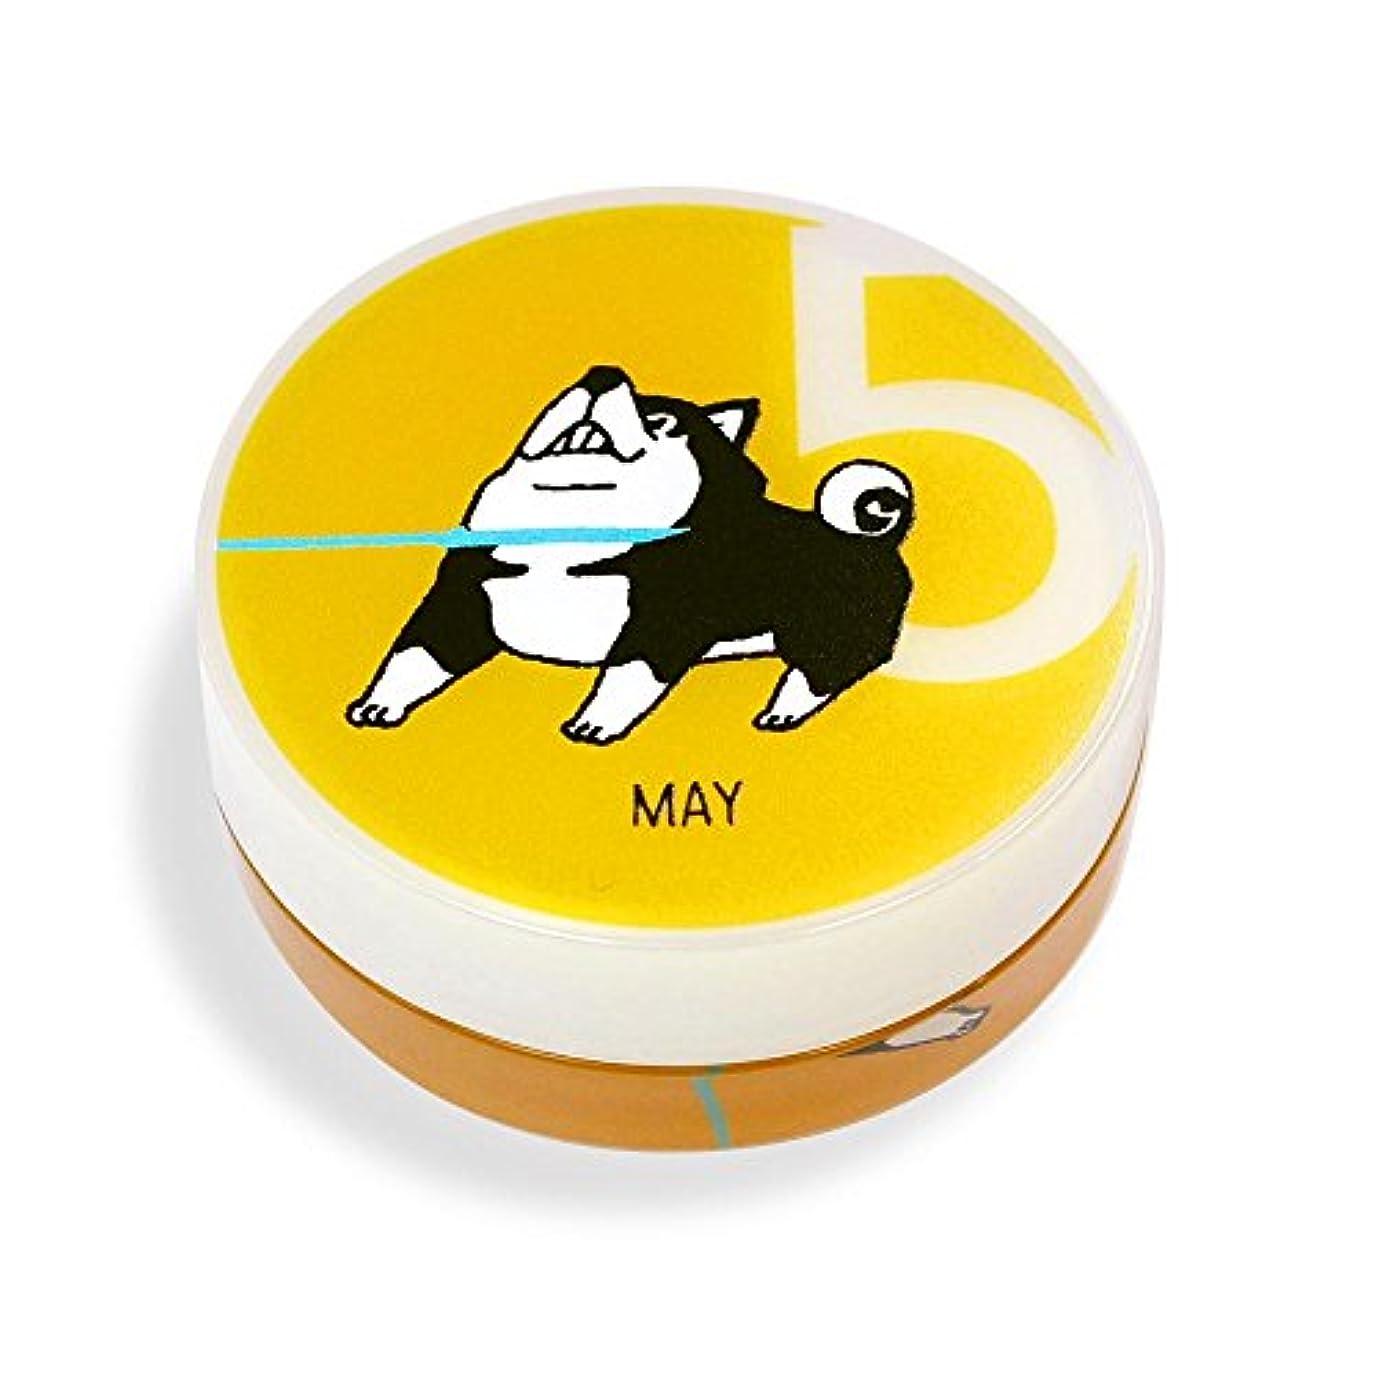 祭司完全に乾く追加するしばんばん フルプルクリーム 誕生月シリーズ 5月 20g